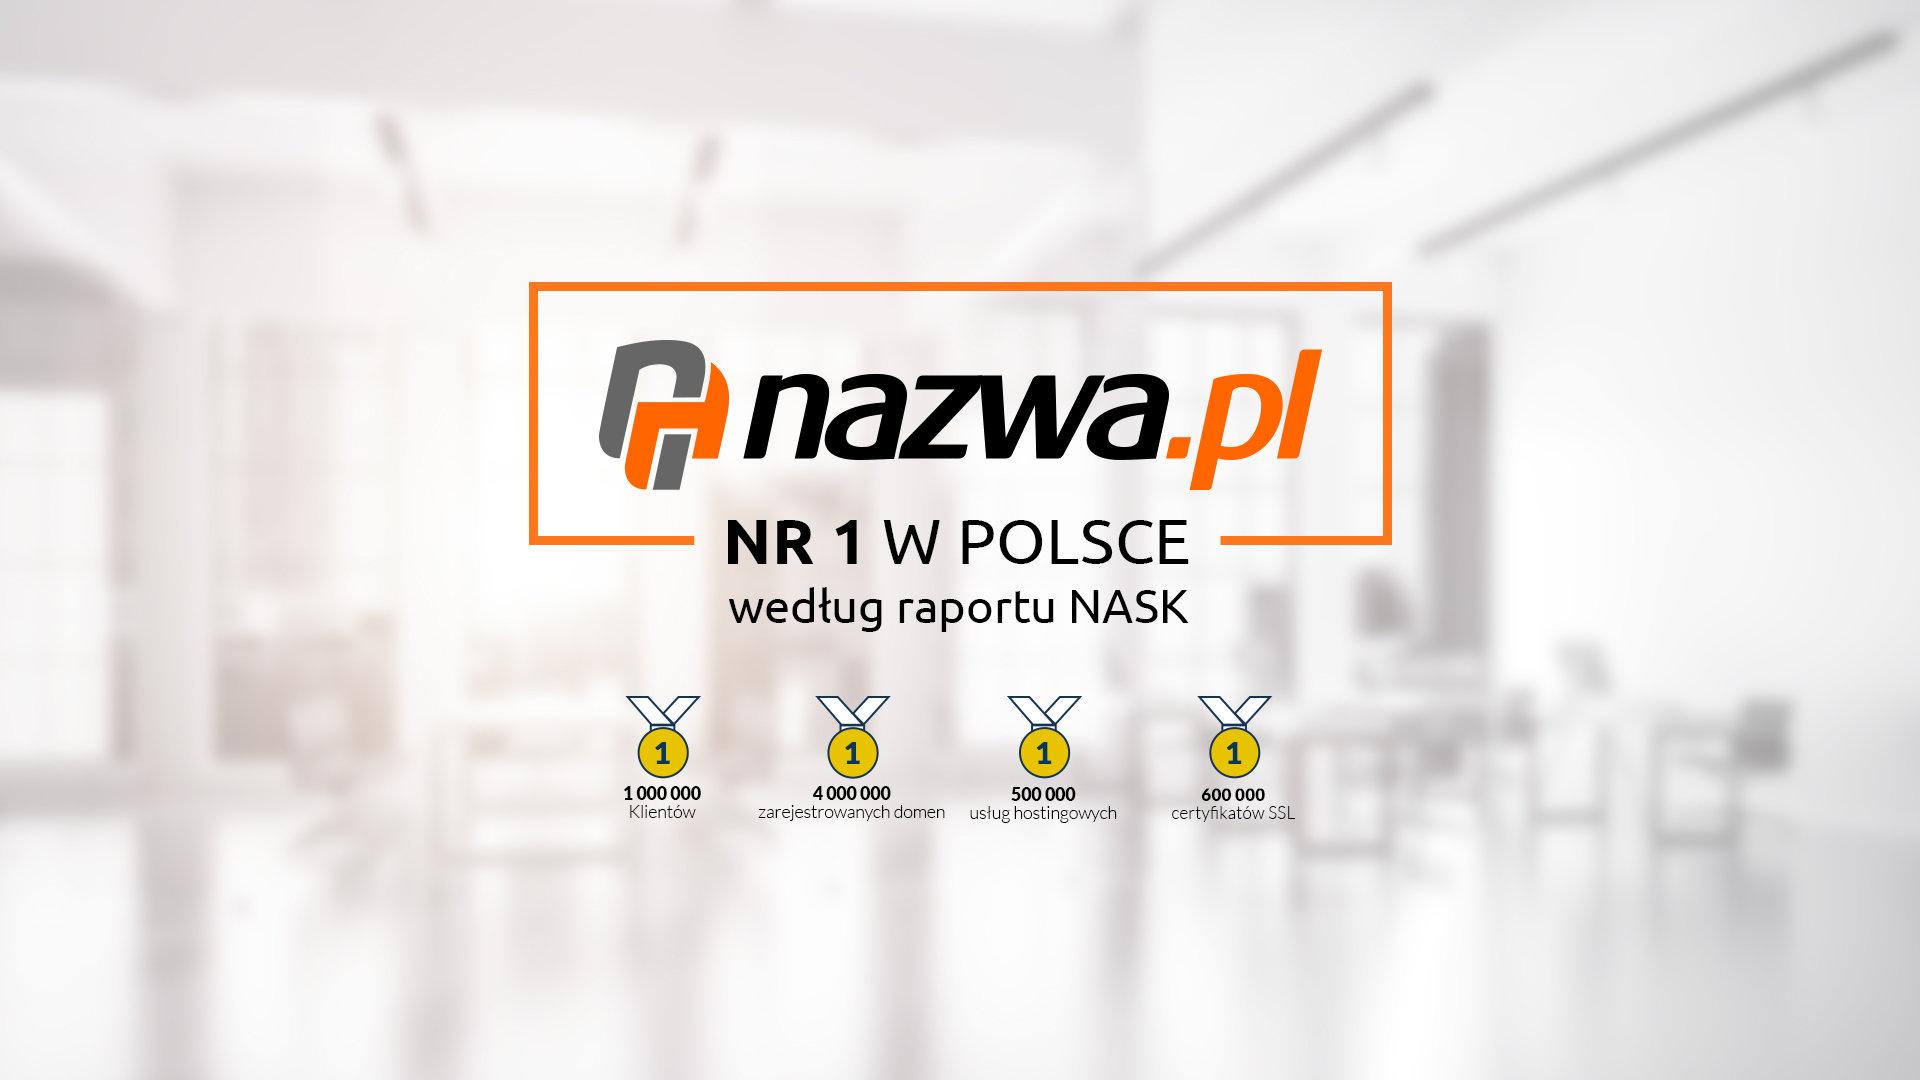 Polski Internet bezpieczny jak nigdy NASK publikuje raport za pierwszy kwartał 2018 r.